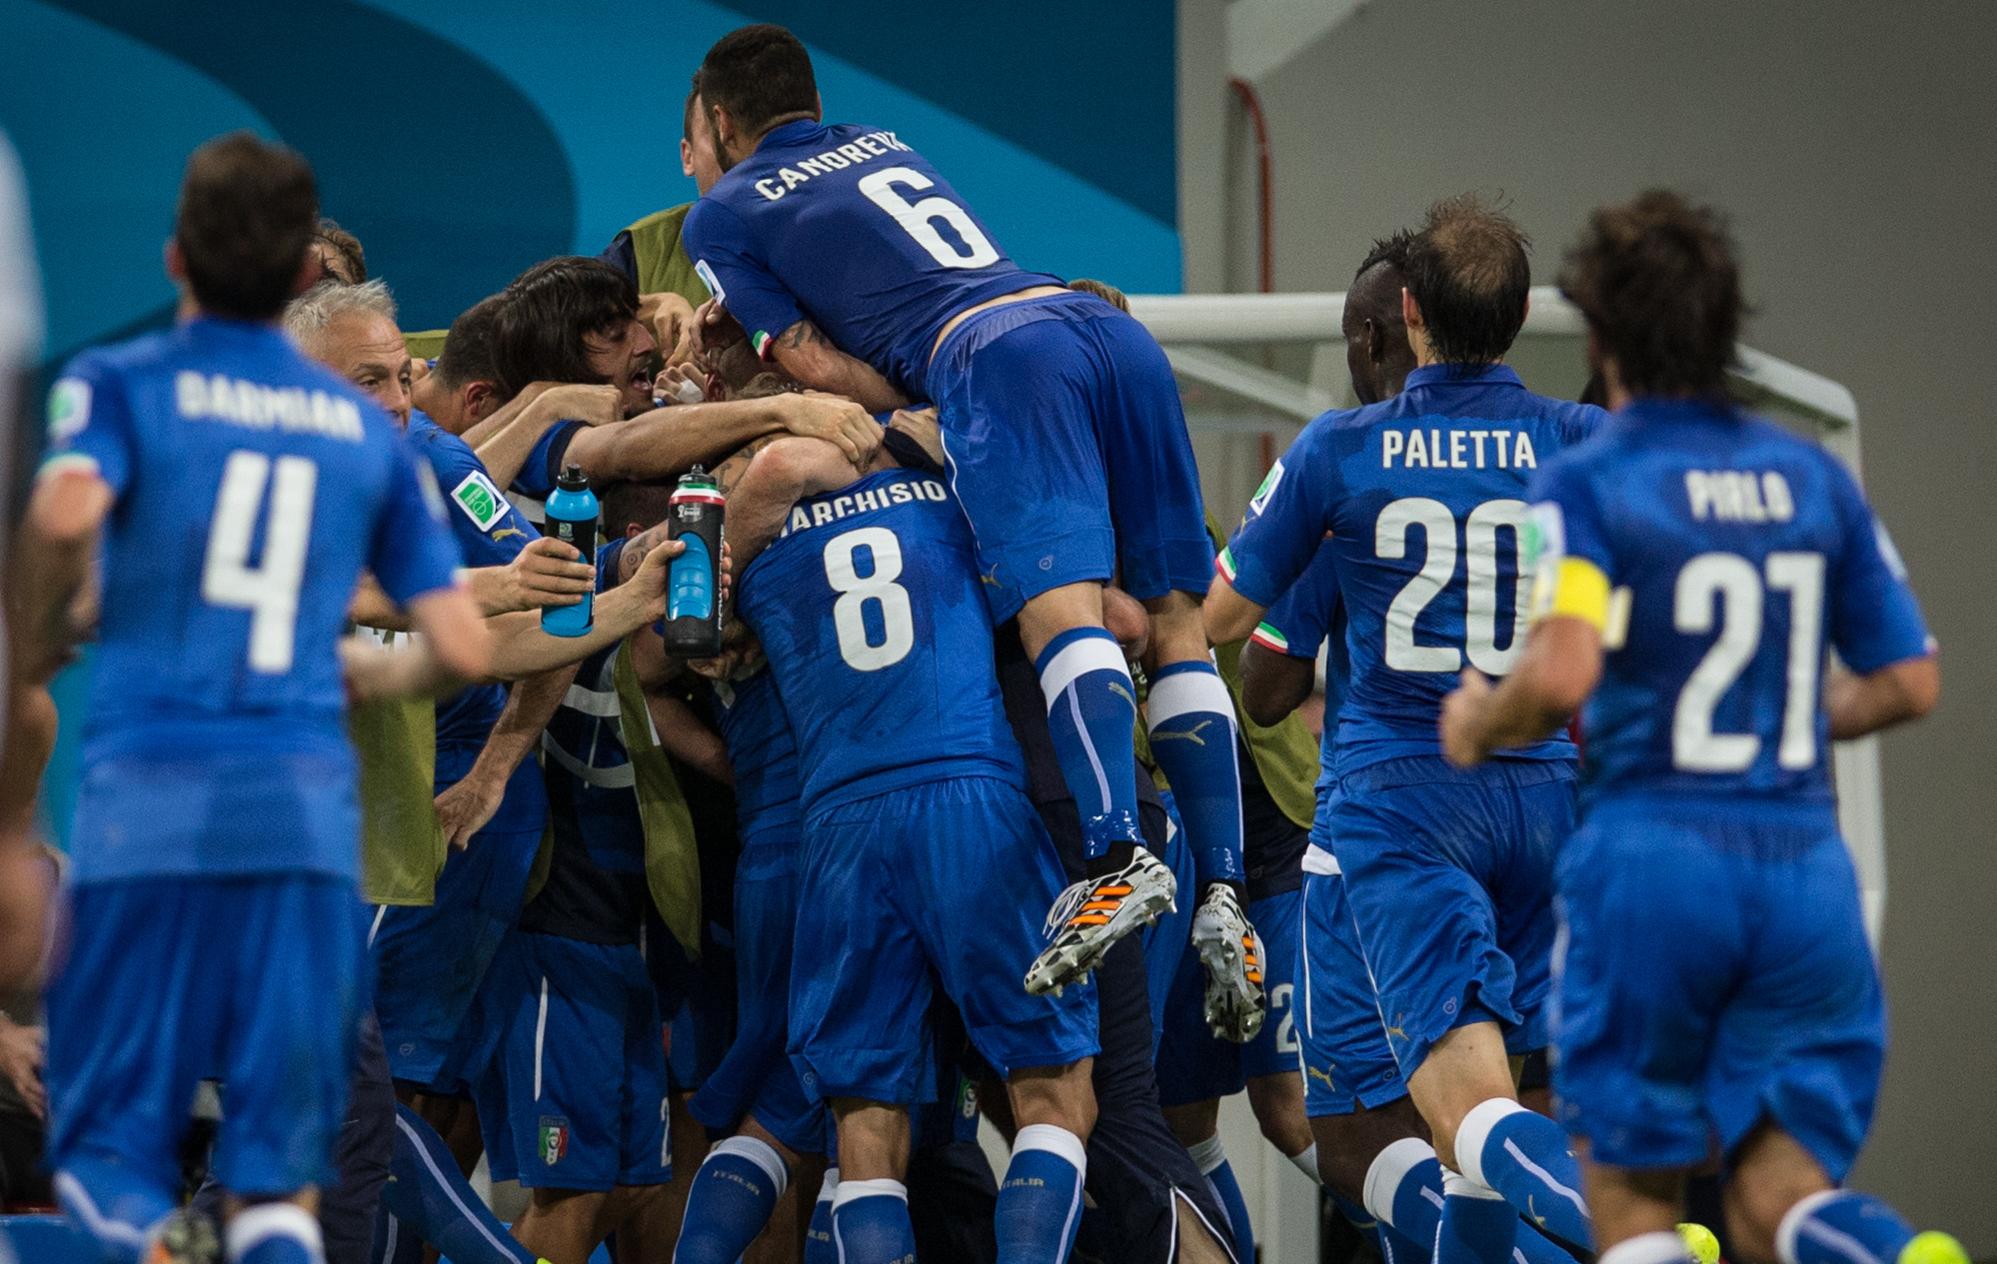 Les bambini de la squadra azzurra 2014 br sil coupe du monde football - Jeux de football coupe du monde 2014 ...